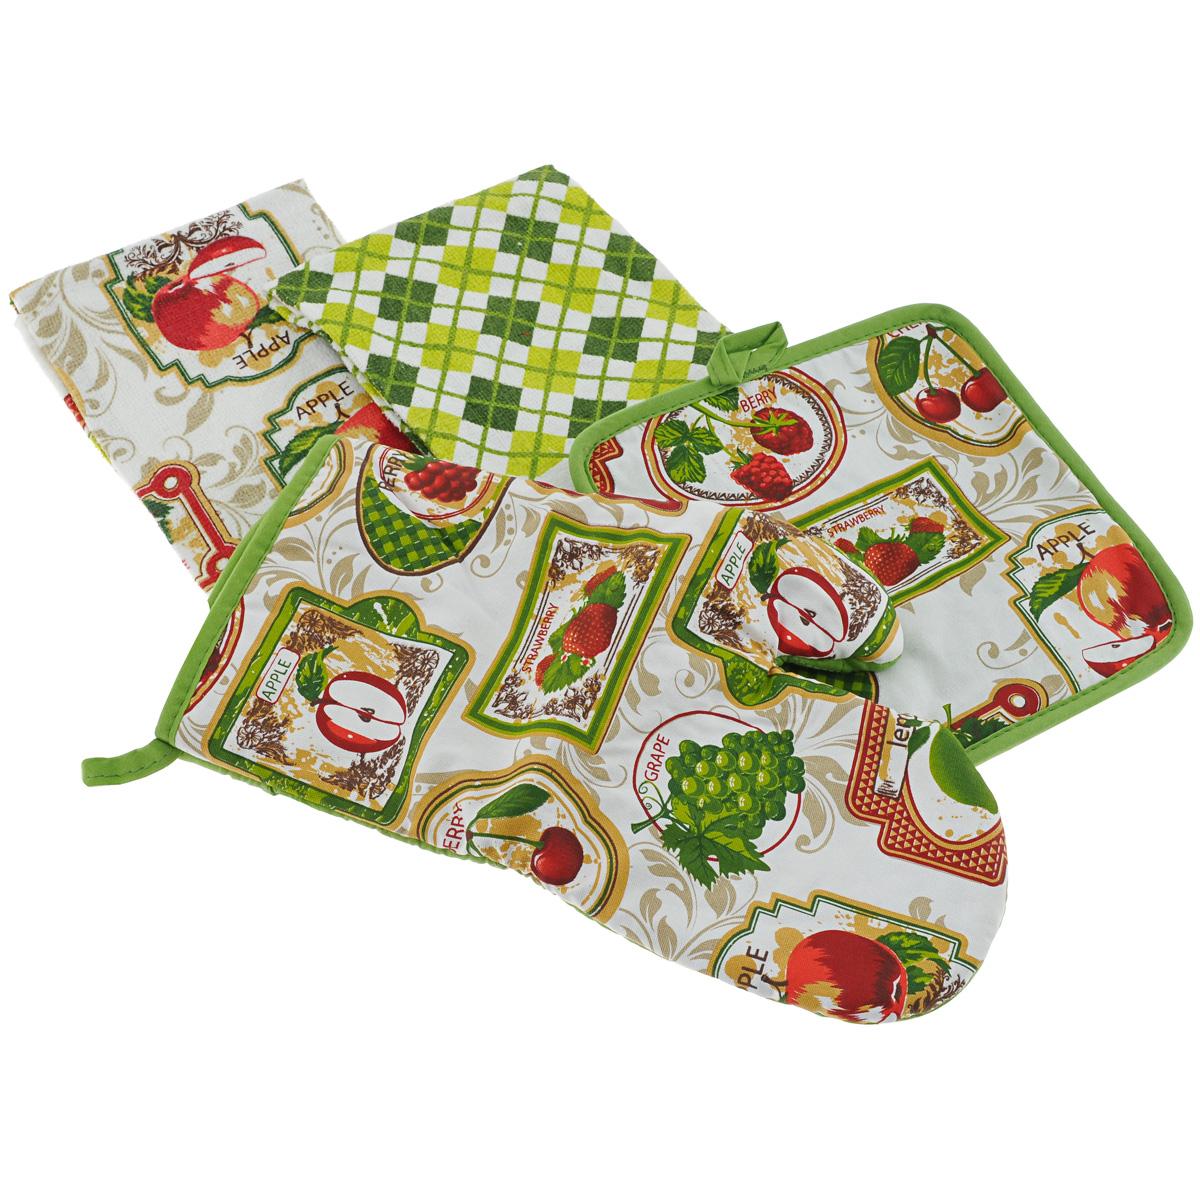 Набор для кухни Primavelle Фрукты, 4 предмета115610Набор для кухни Primavelle Фрукты состоит из квадратной прихватки, варежки-прихватки и двух кухонных полотенец. Предметы набора изготовлены из натурального хлопка и оформлены ярким изображением фруктов.Махровые полотенца подарят вам мягкость и необыкновенный комфорт в использовании. Они идеально впитывают влагу и сохраняют свою необычайную мягкость даже после многих стирок. Одно из полотенец оформлено принтом в клетку, а другое - изображением фруктов. Прихватки снабжены петелькой для удобного подвешивания на крючок, они защитят ваши руки от воздействия горячих температур и обеспечат комфорт во время приготовления пищи. Кроме того, комплект имеет яркий красочный дизайн, он украсит ваш интерьер и станет прекрасным подарком.Размер полотенец: 38 см х 64 см.Размер прихватки: 20 см х 20 см.Размер варежки-прихватки: 18 см х 33 см.